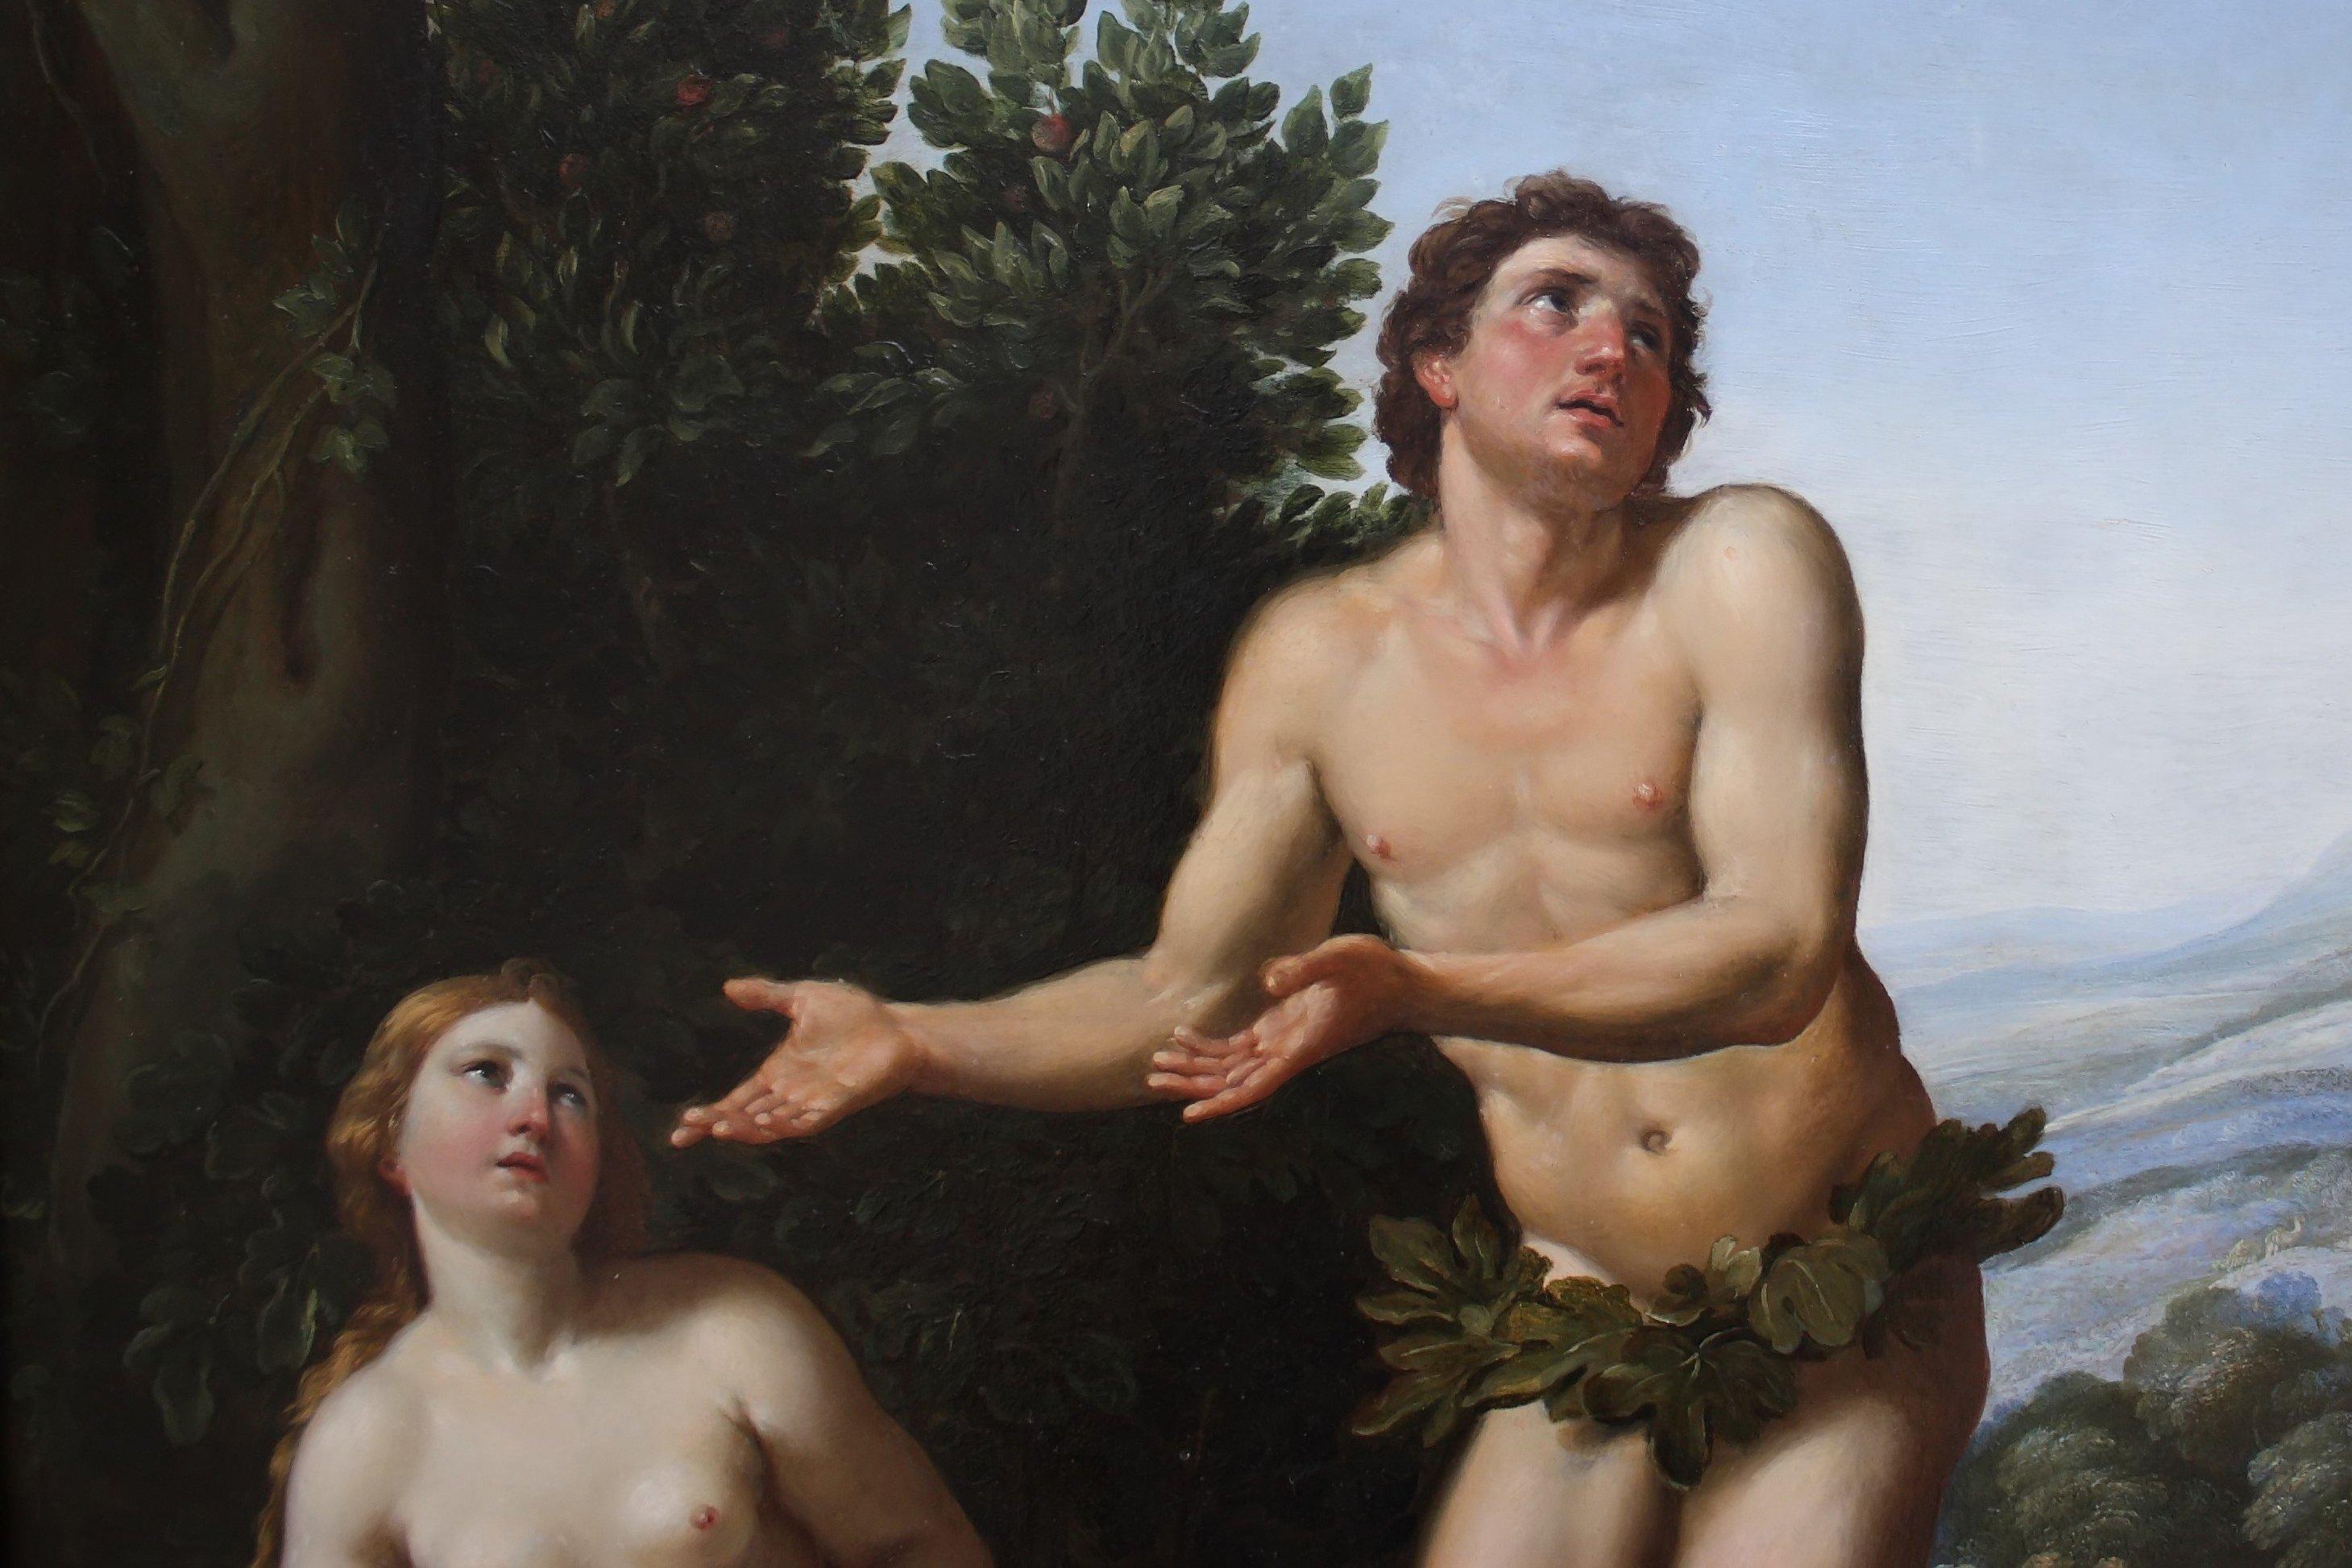 обрезание отвратительные мужики disgusting men circumcision